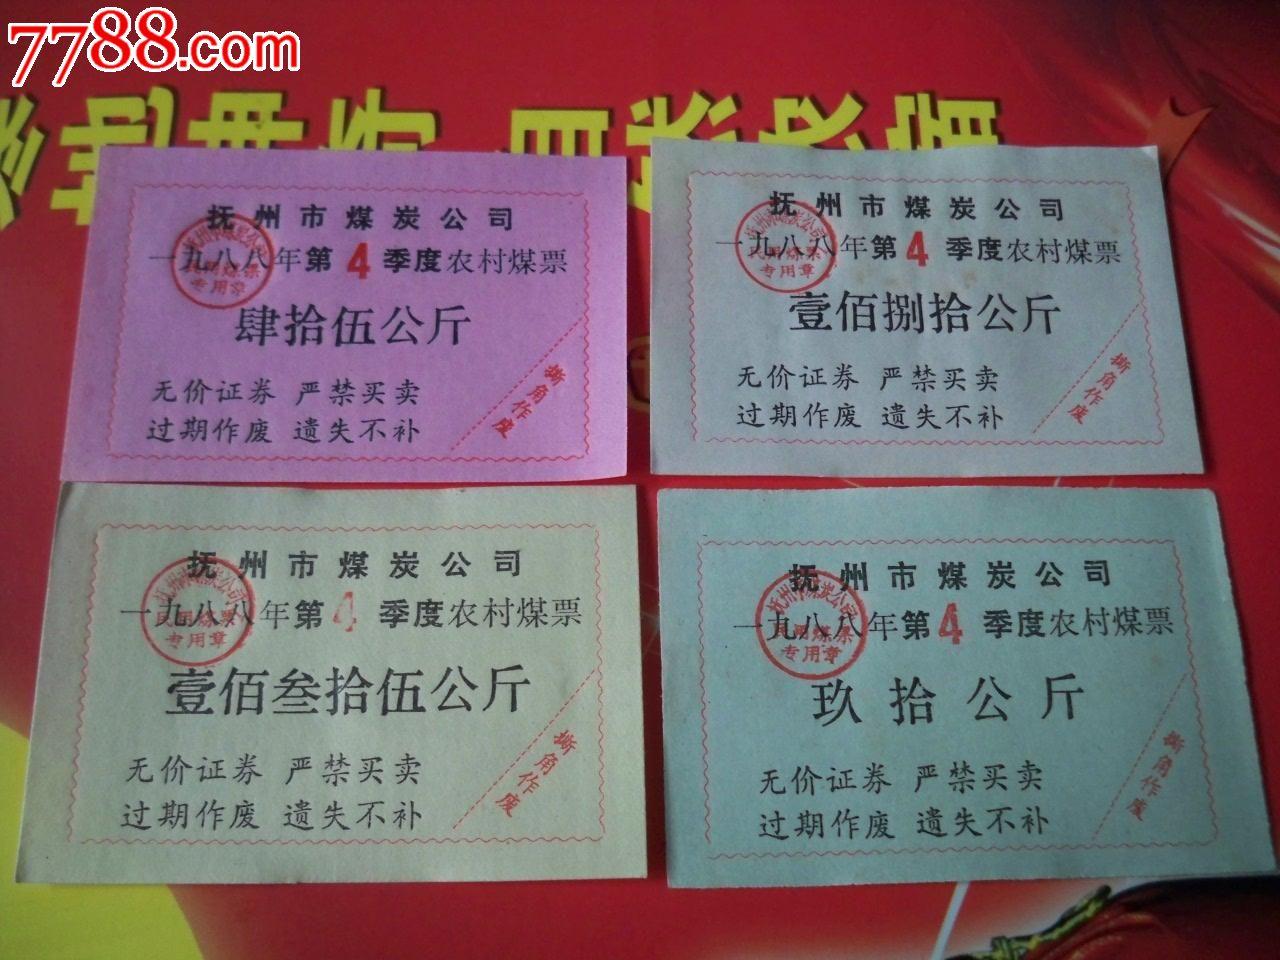 (江西)抚州市煤炭公司1988年四季度农村煤票(